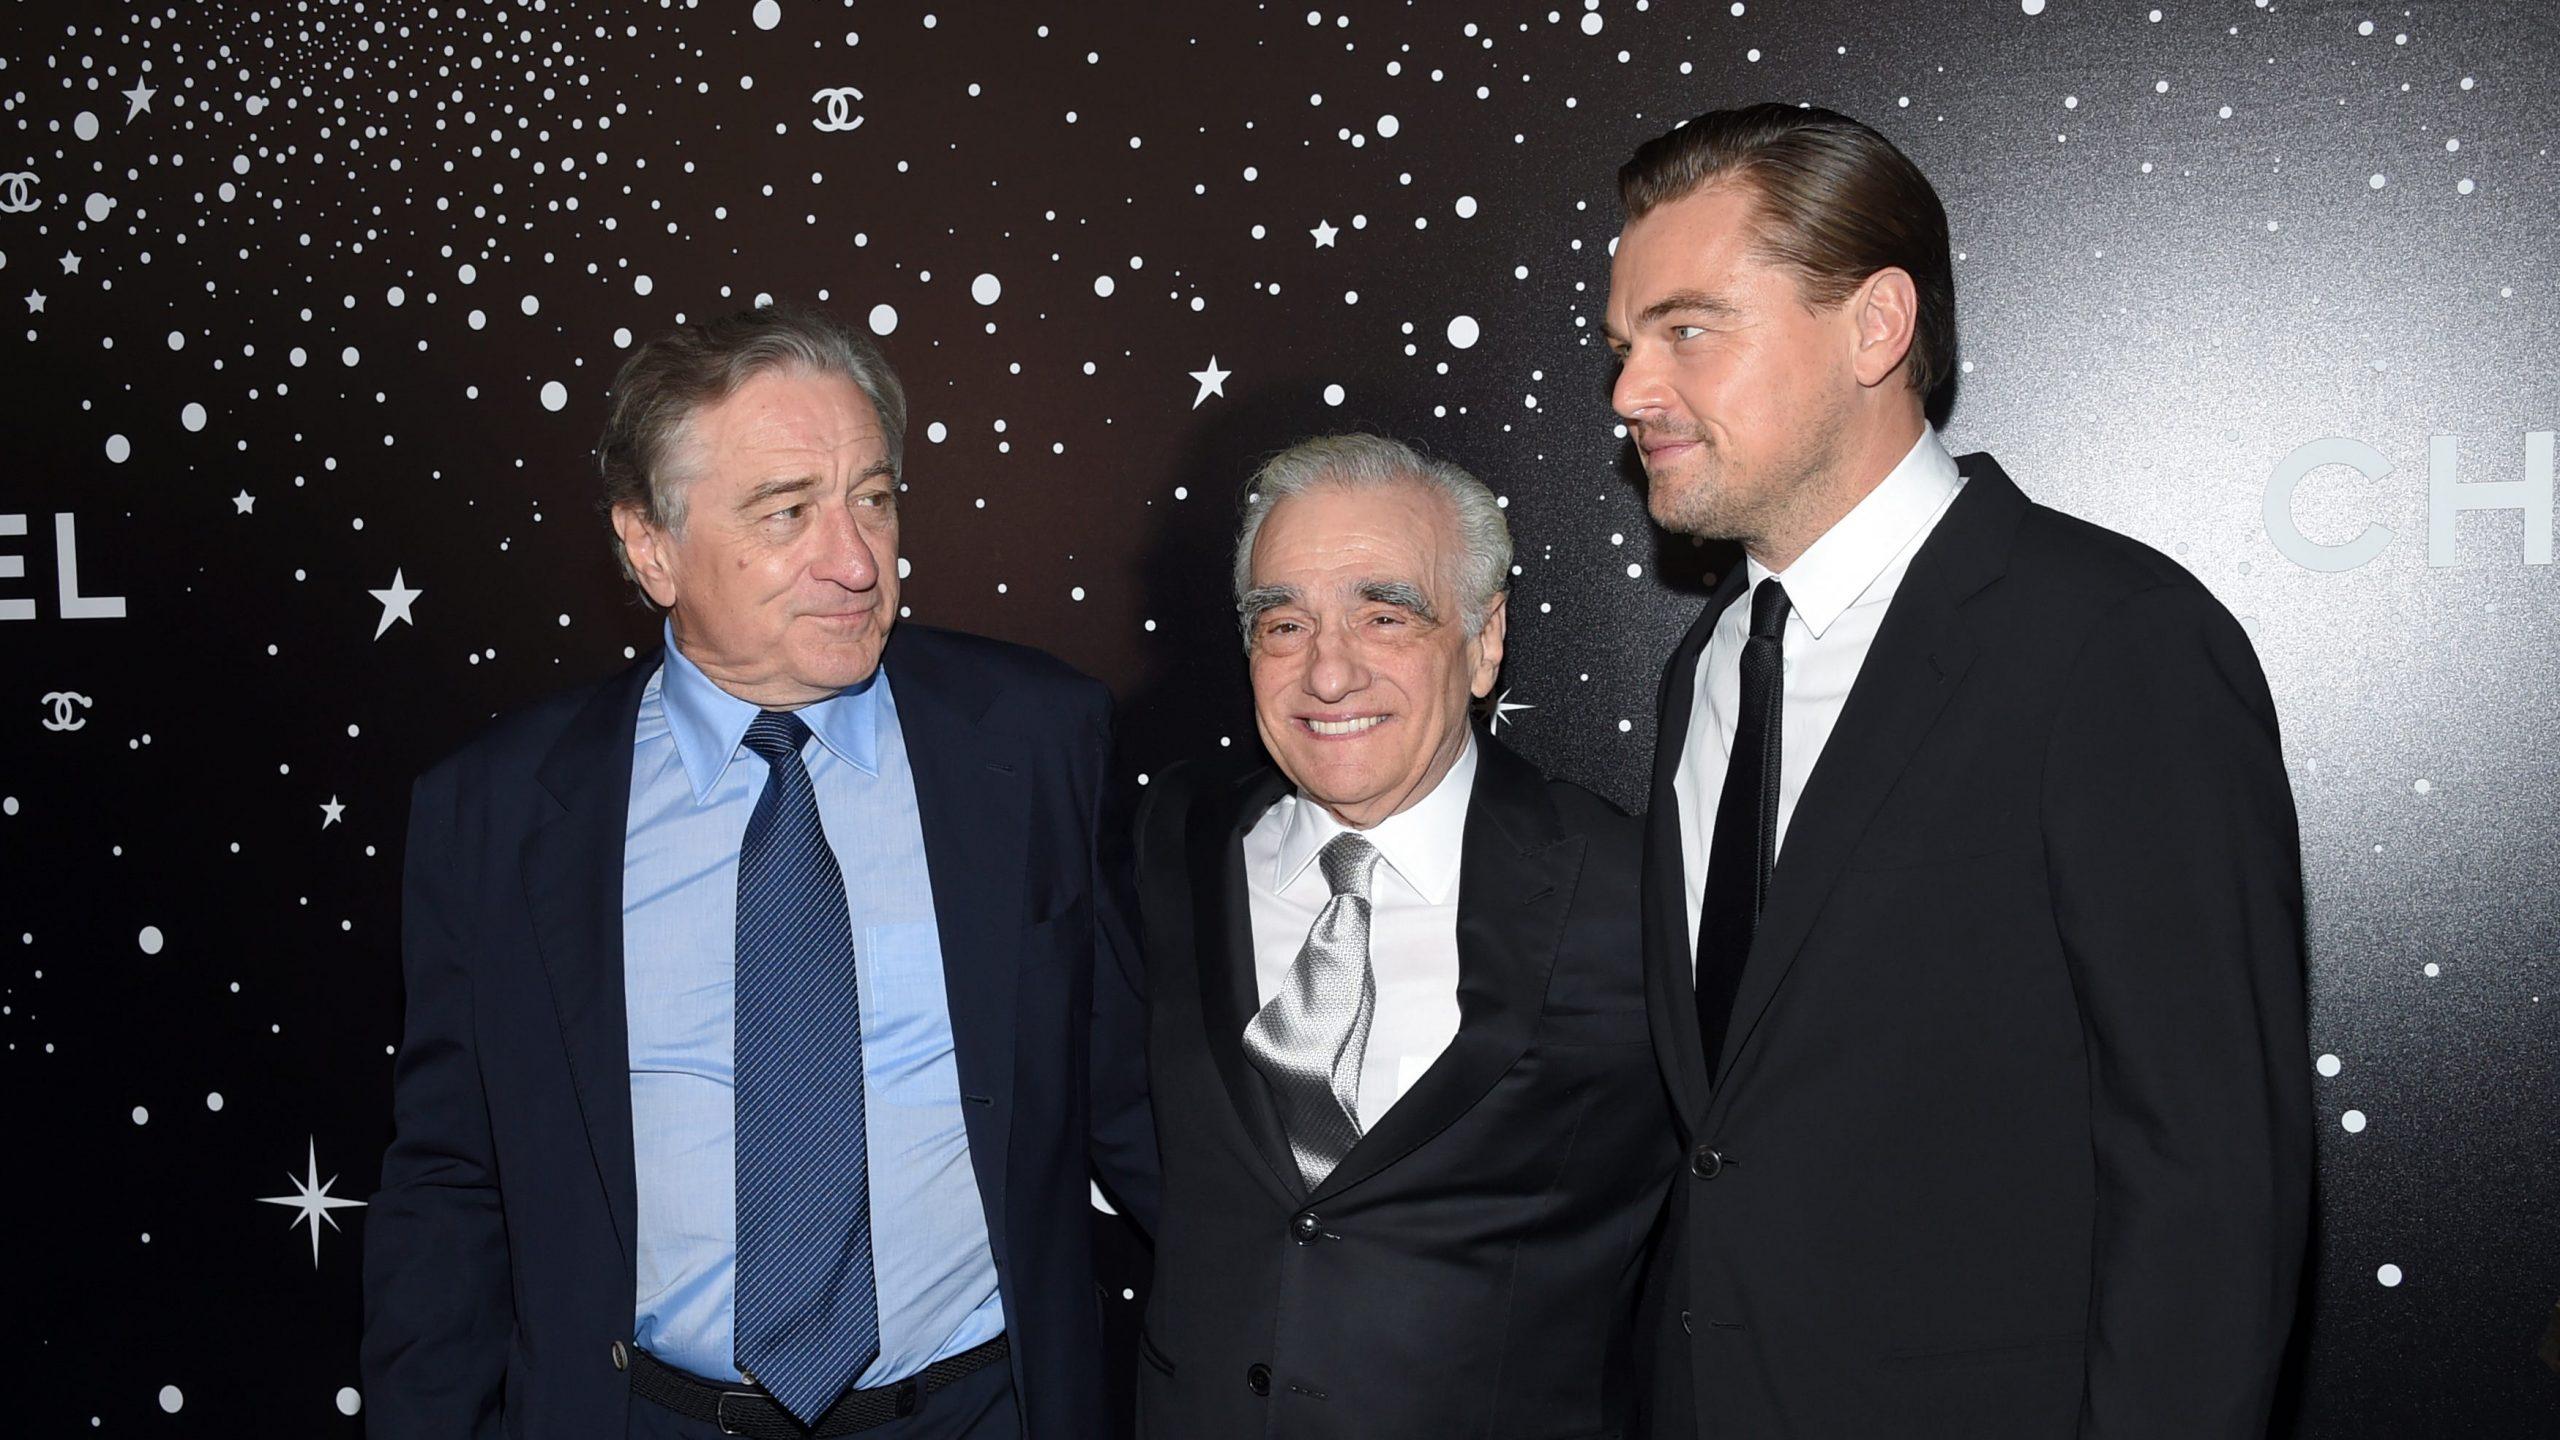 Scorsese legújabb filmje is a Netflixnél köthet ki